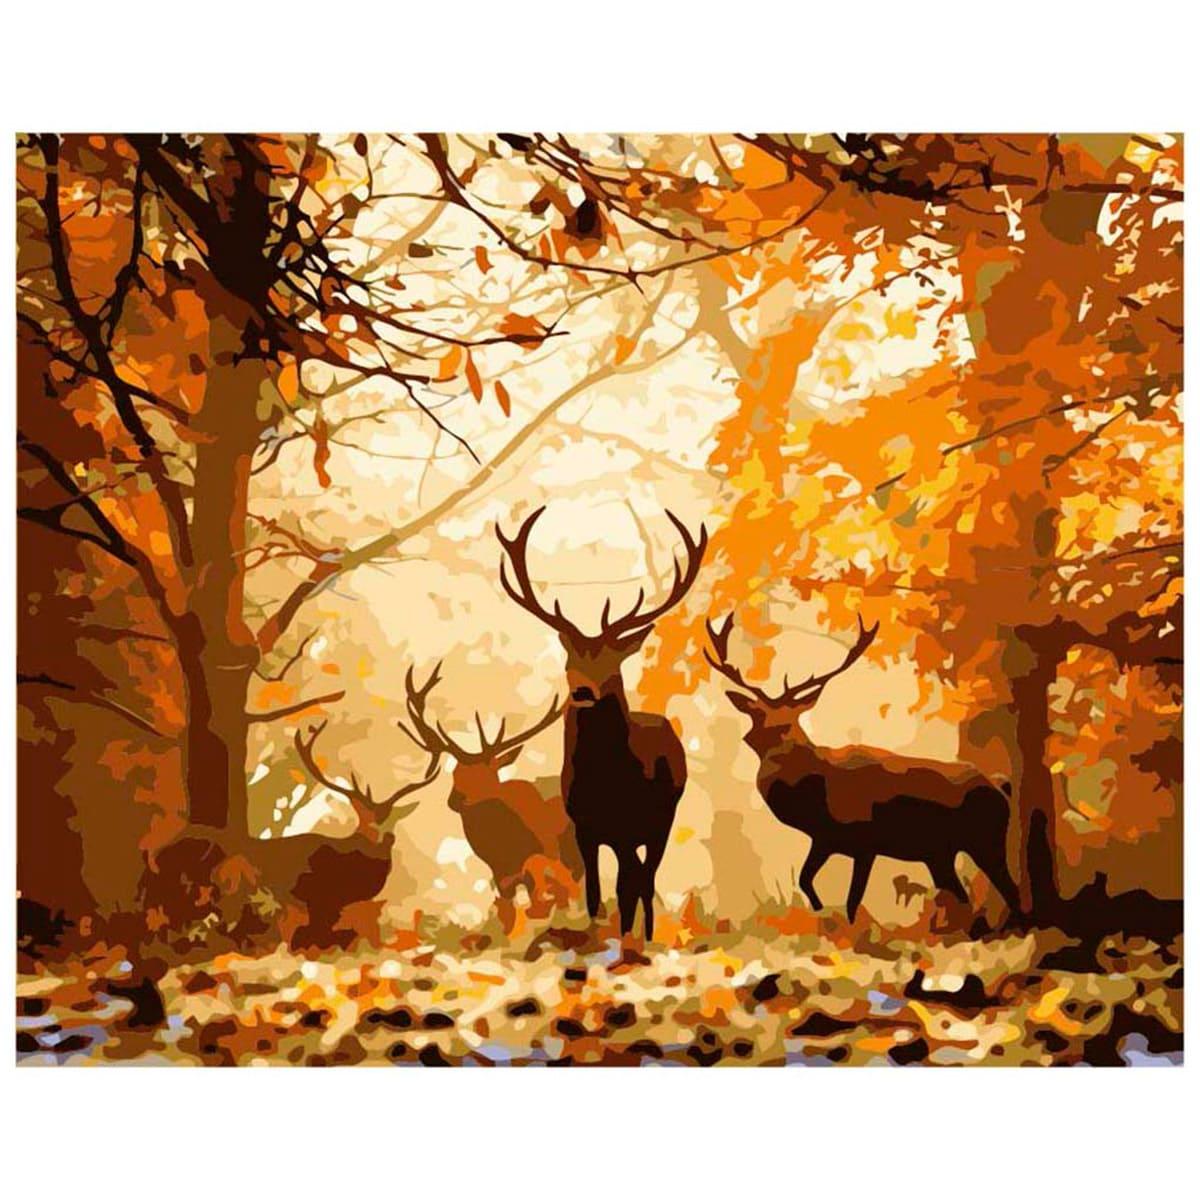 H001 Набор для рисования по номерам 'Олени в лесу' 40*50см